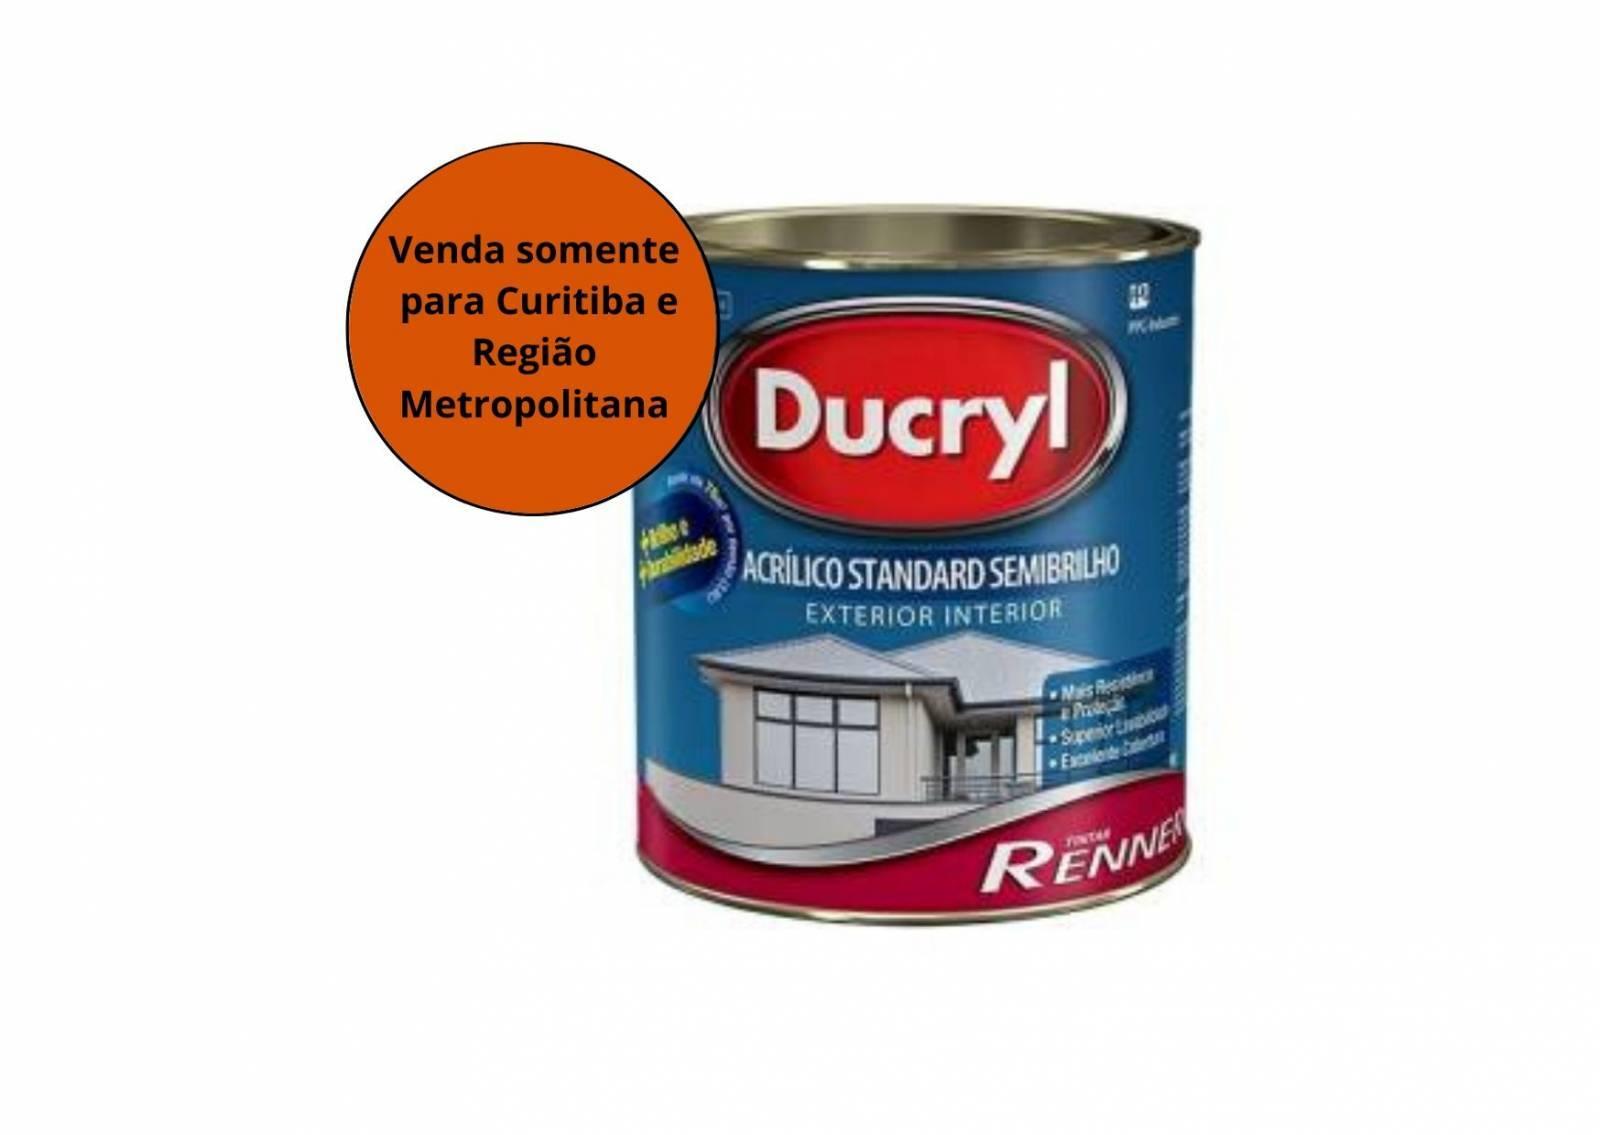 Tinta Acrílico Ducryl Semi Brilho Renner - MATERGI MATERIAIS DE CONSTRUÇÃO